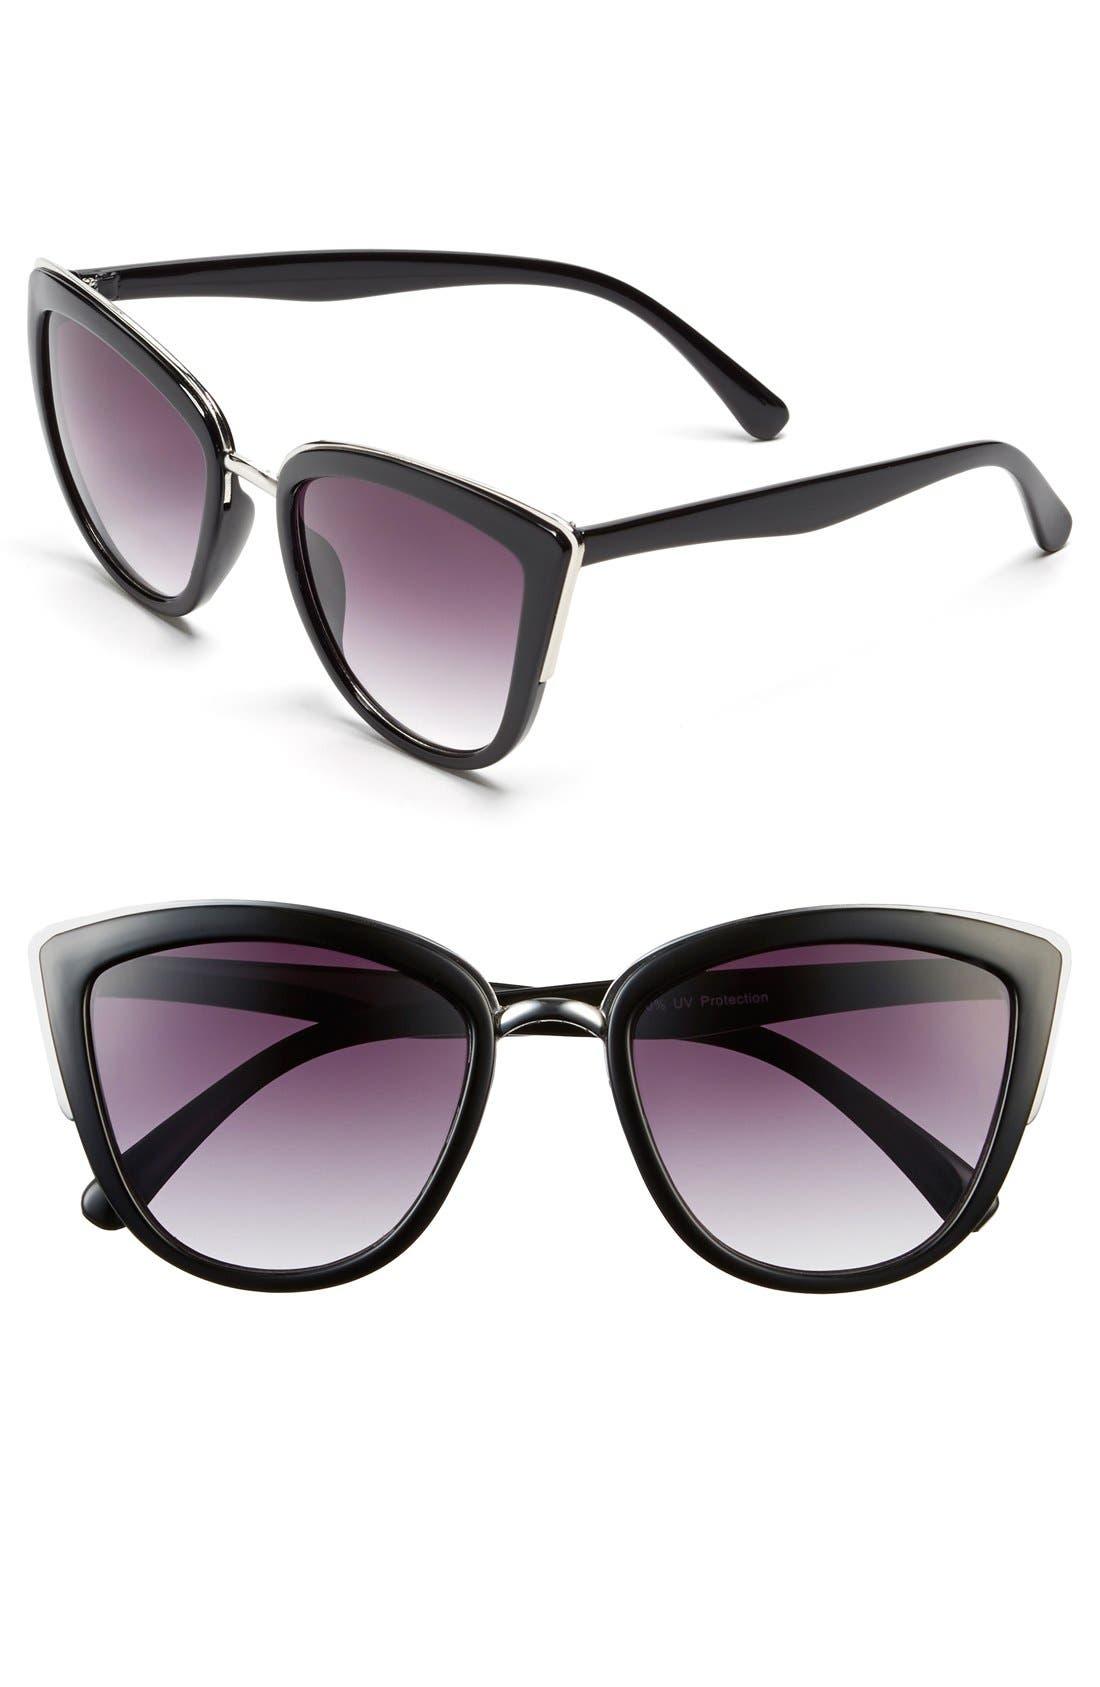 55mm Metal Rim Cat Eye Sunglasses,                             Main thumbnail 1, color,                             001